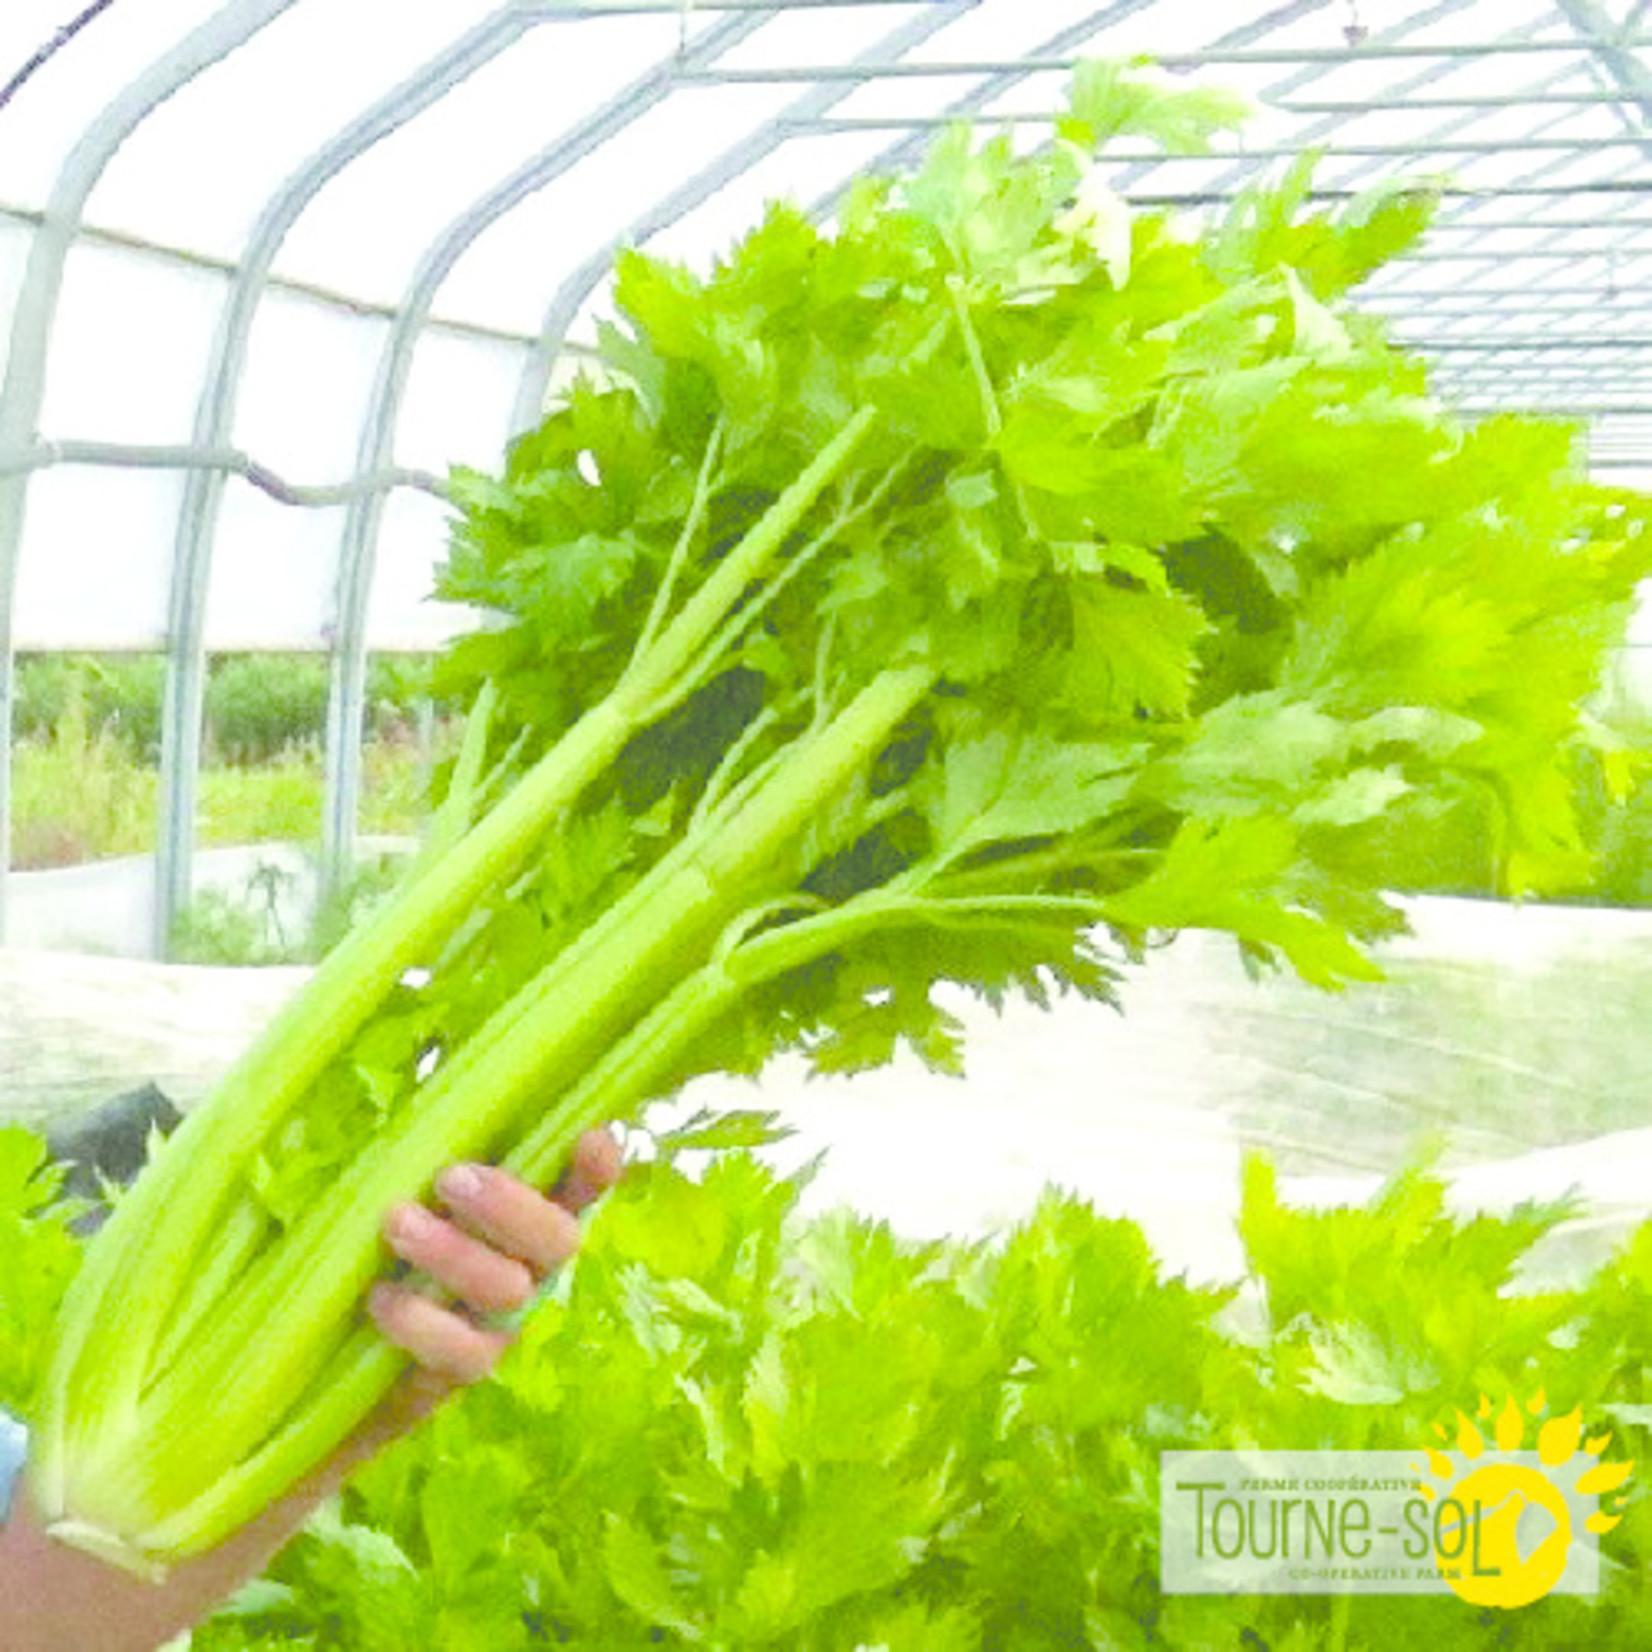 Tourne-Sol Tall Utah celery